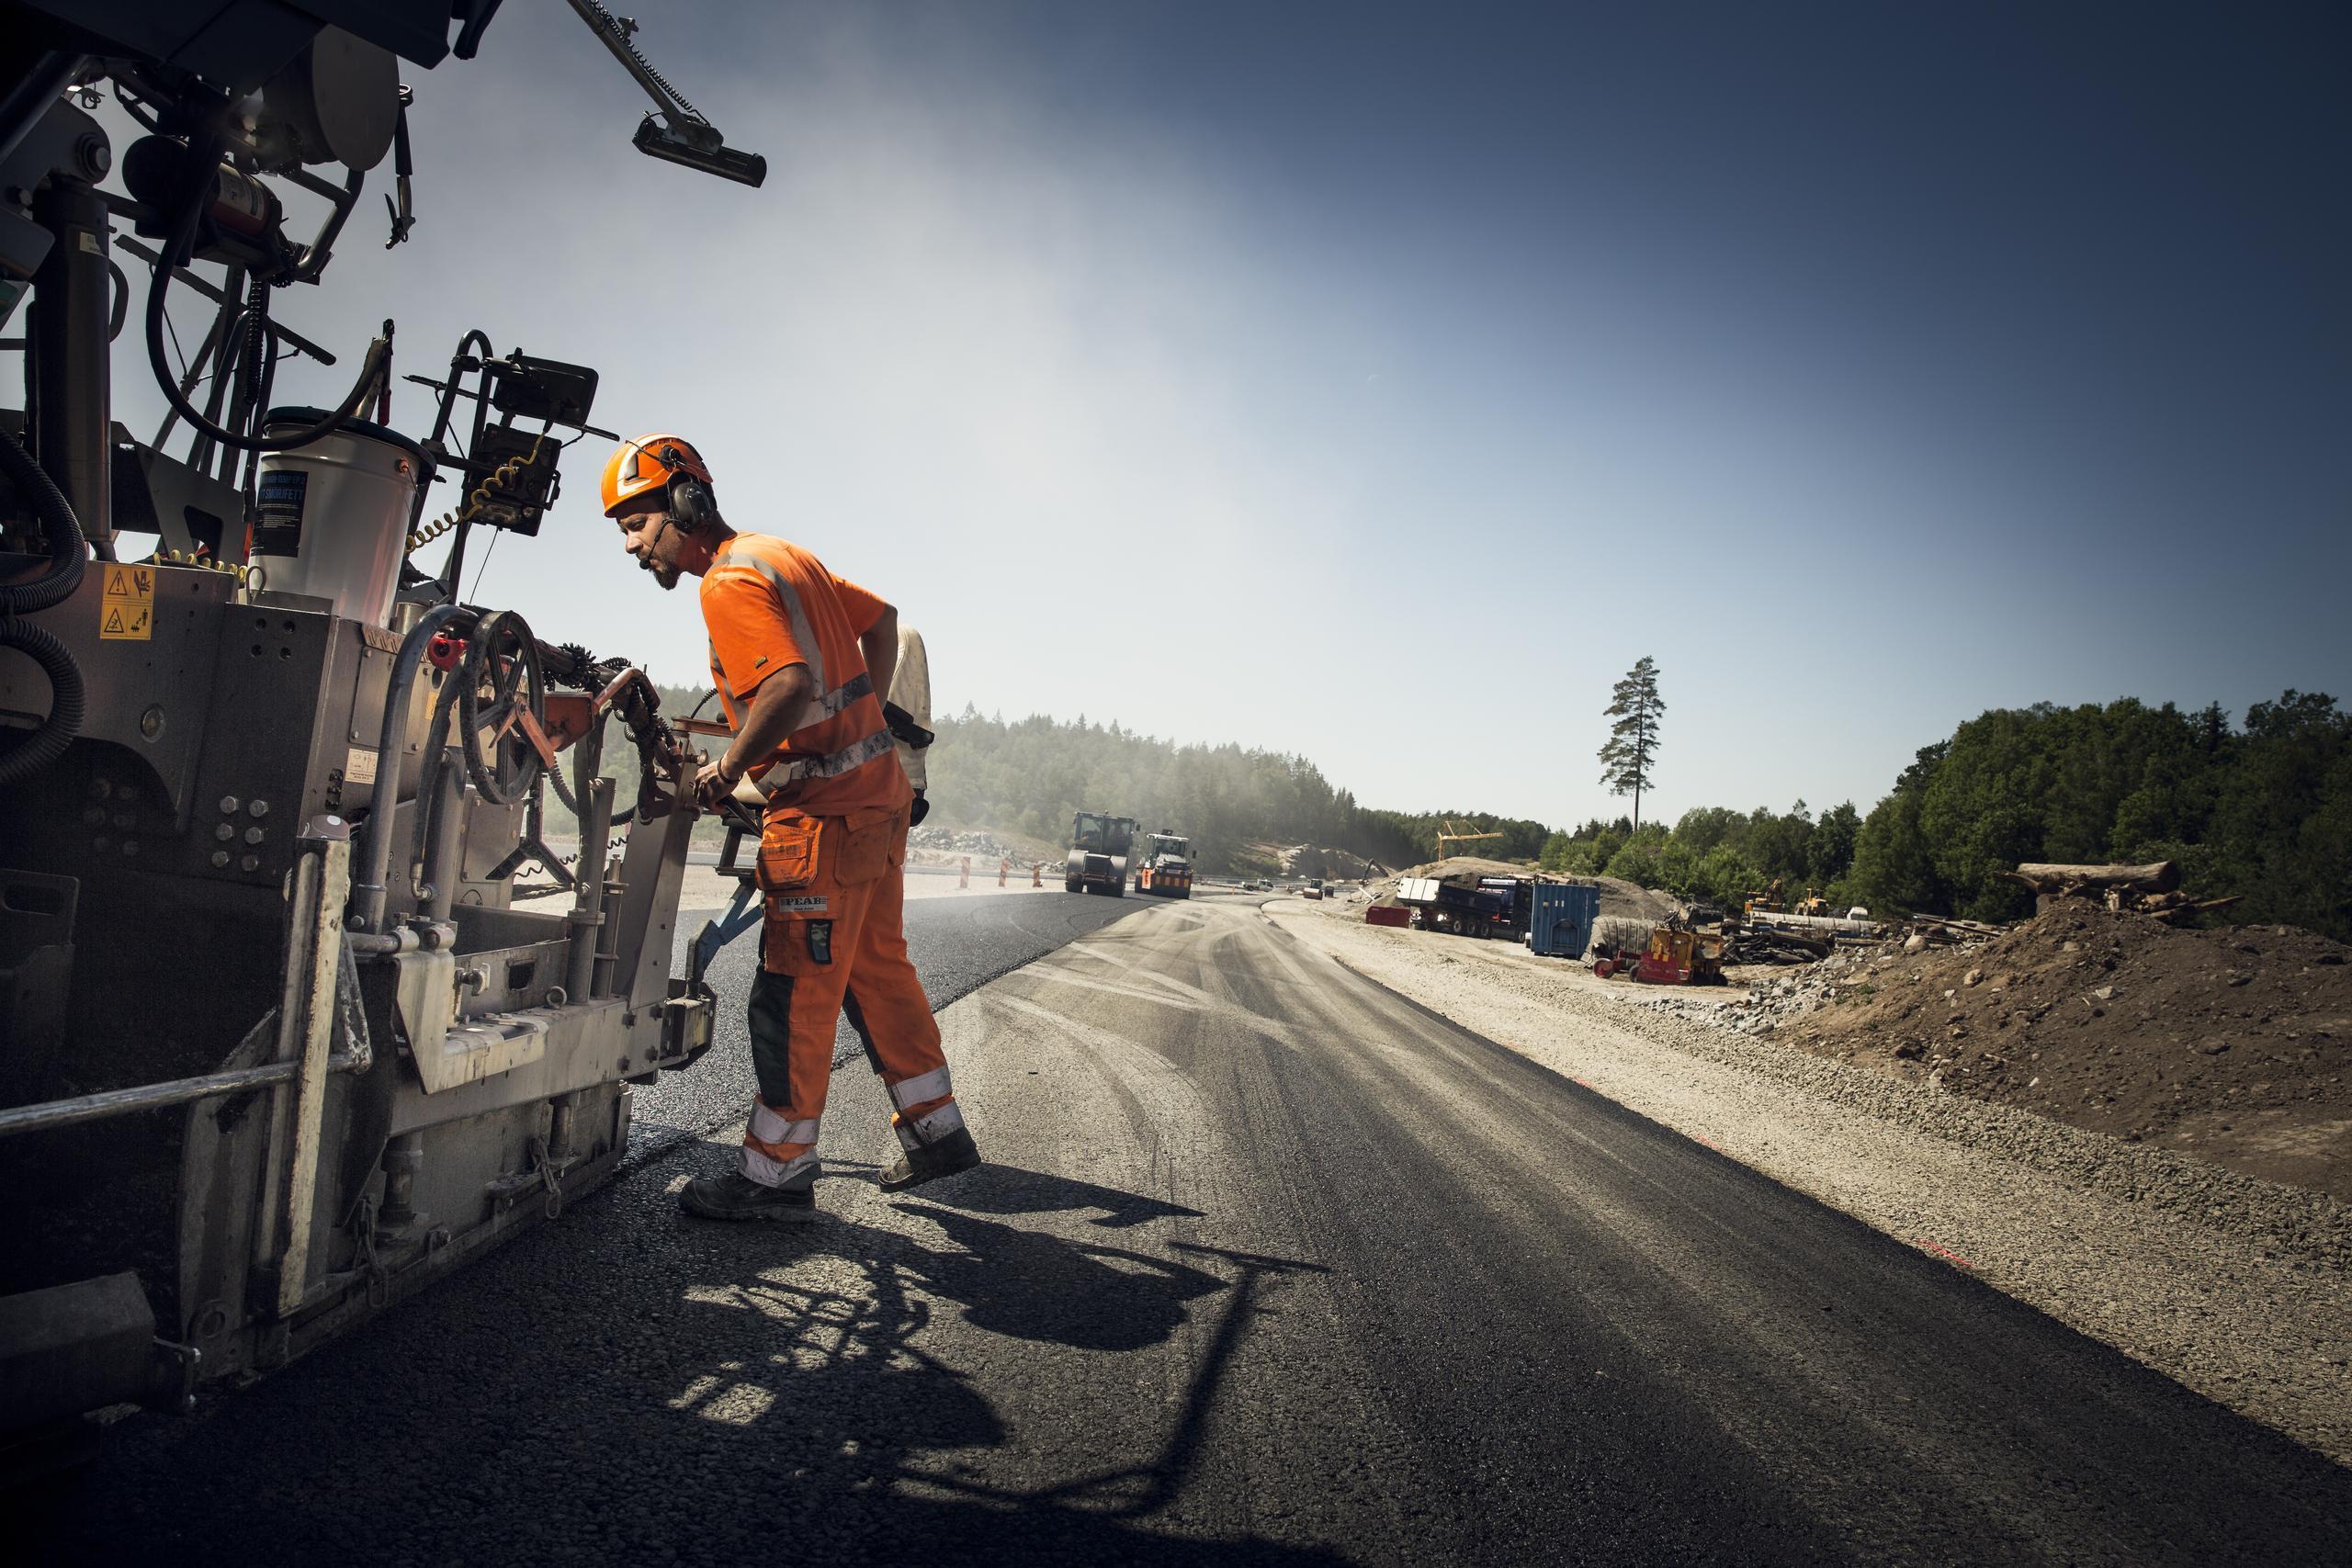 Kalle ägnar halva dygnet åt att lägga ny asfalt